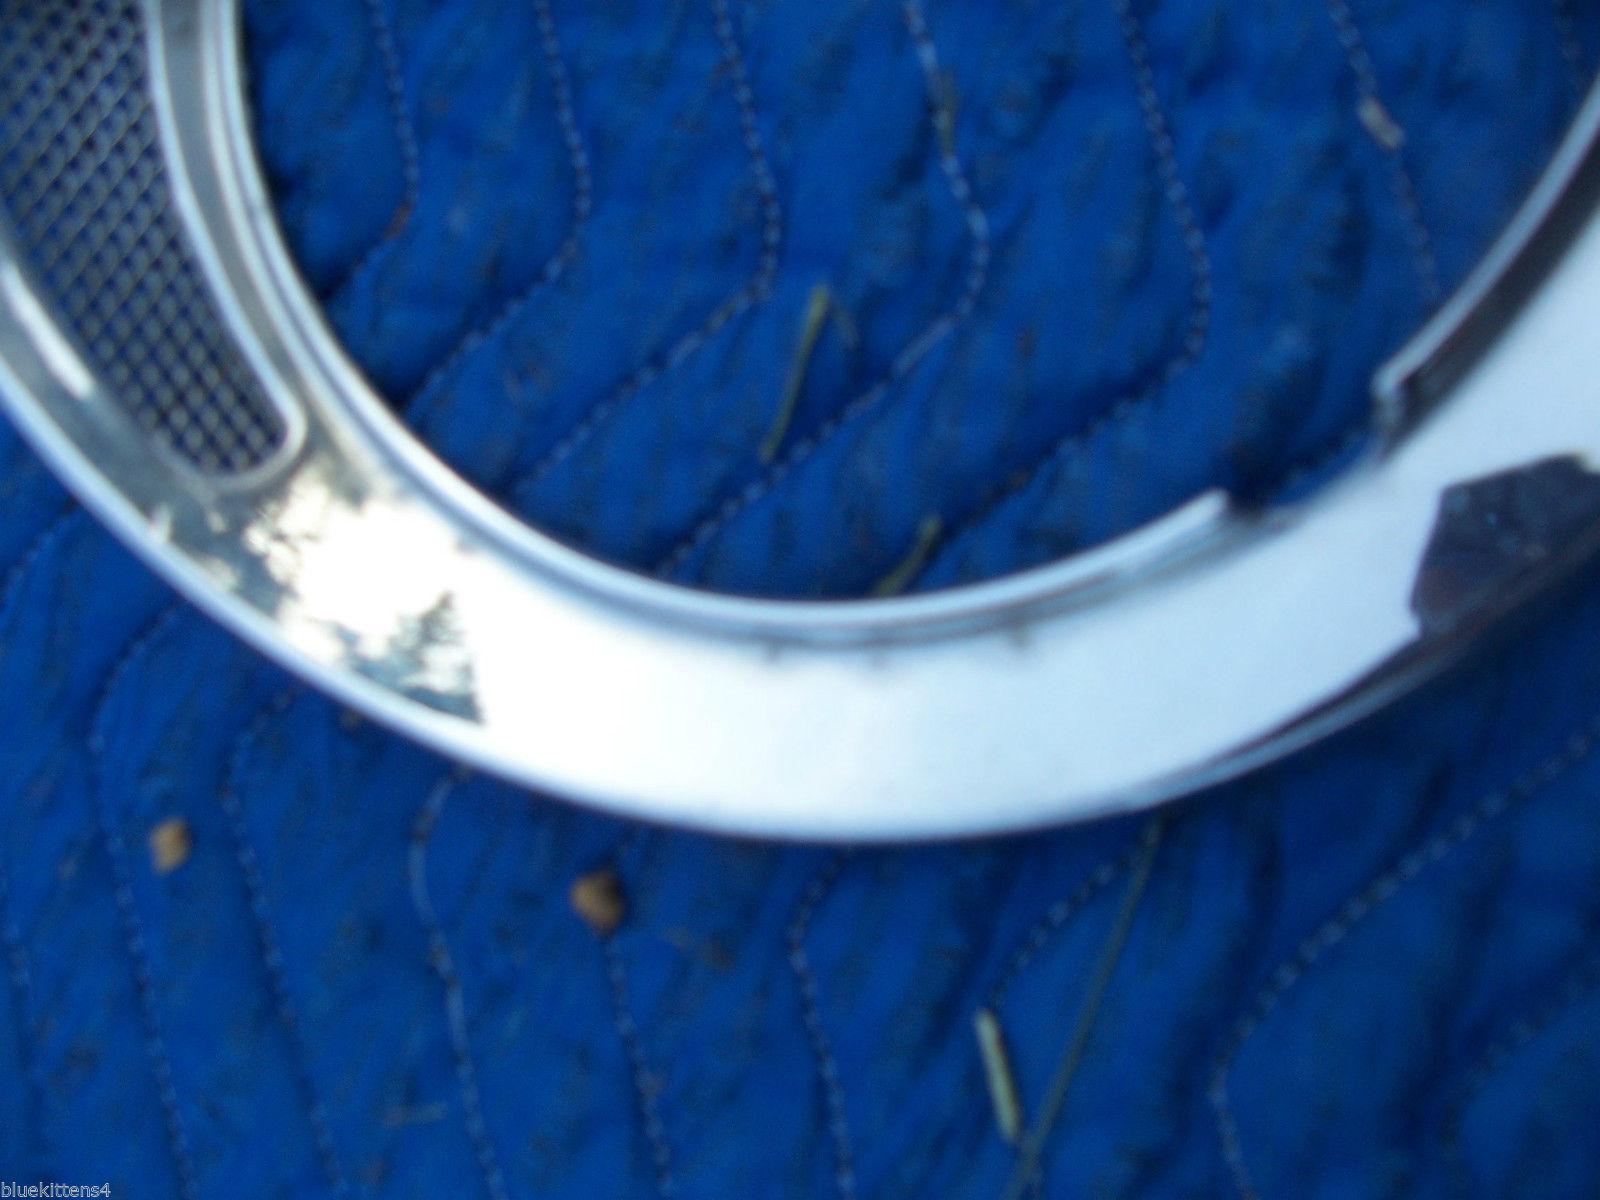 1982 JAGUAR LEFT HEADLIGHT TRIM BEZEL GRILL FENDER RING OEM USED 1980 1981 1983